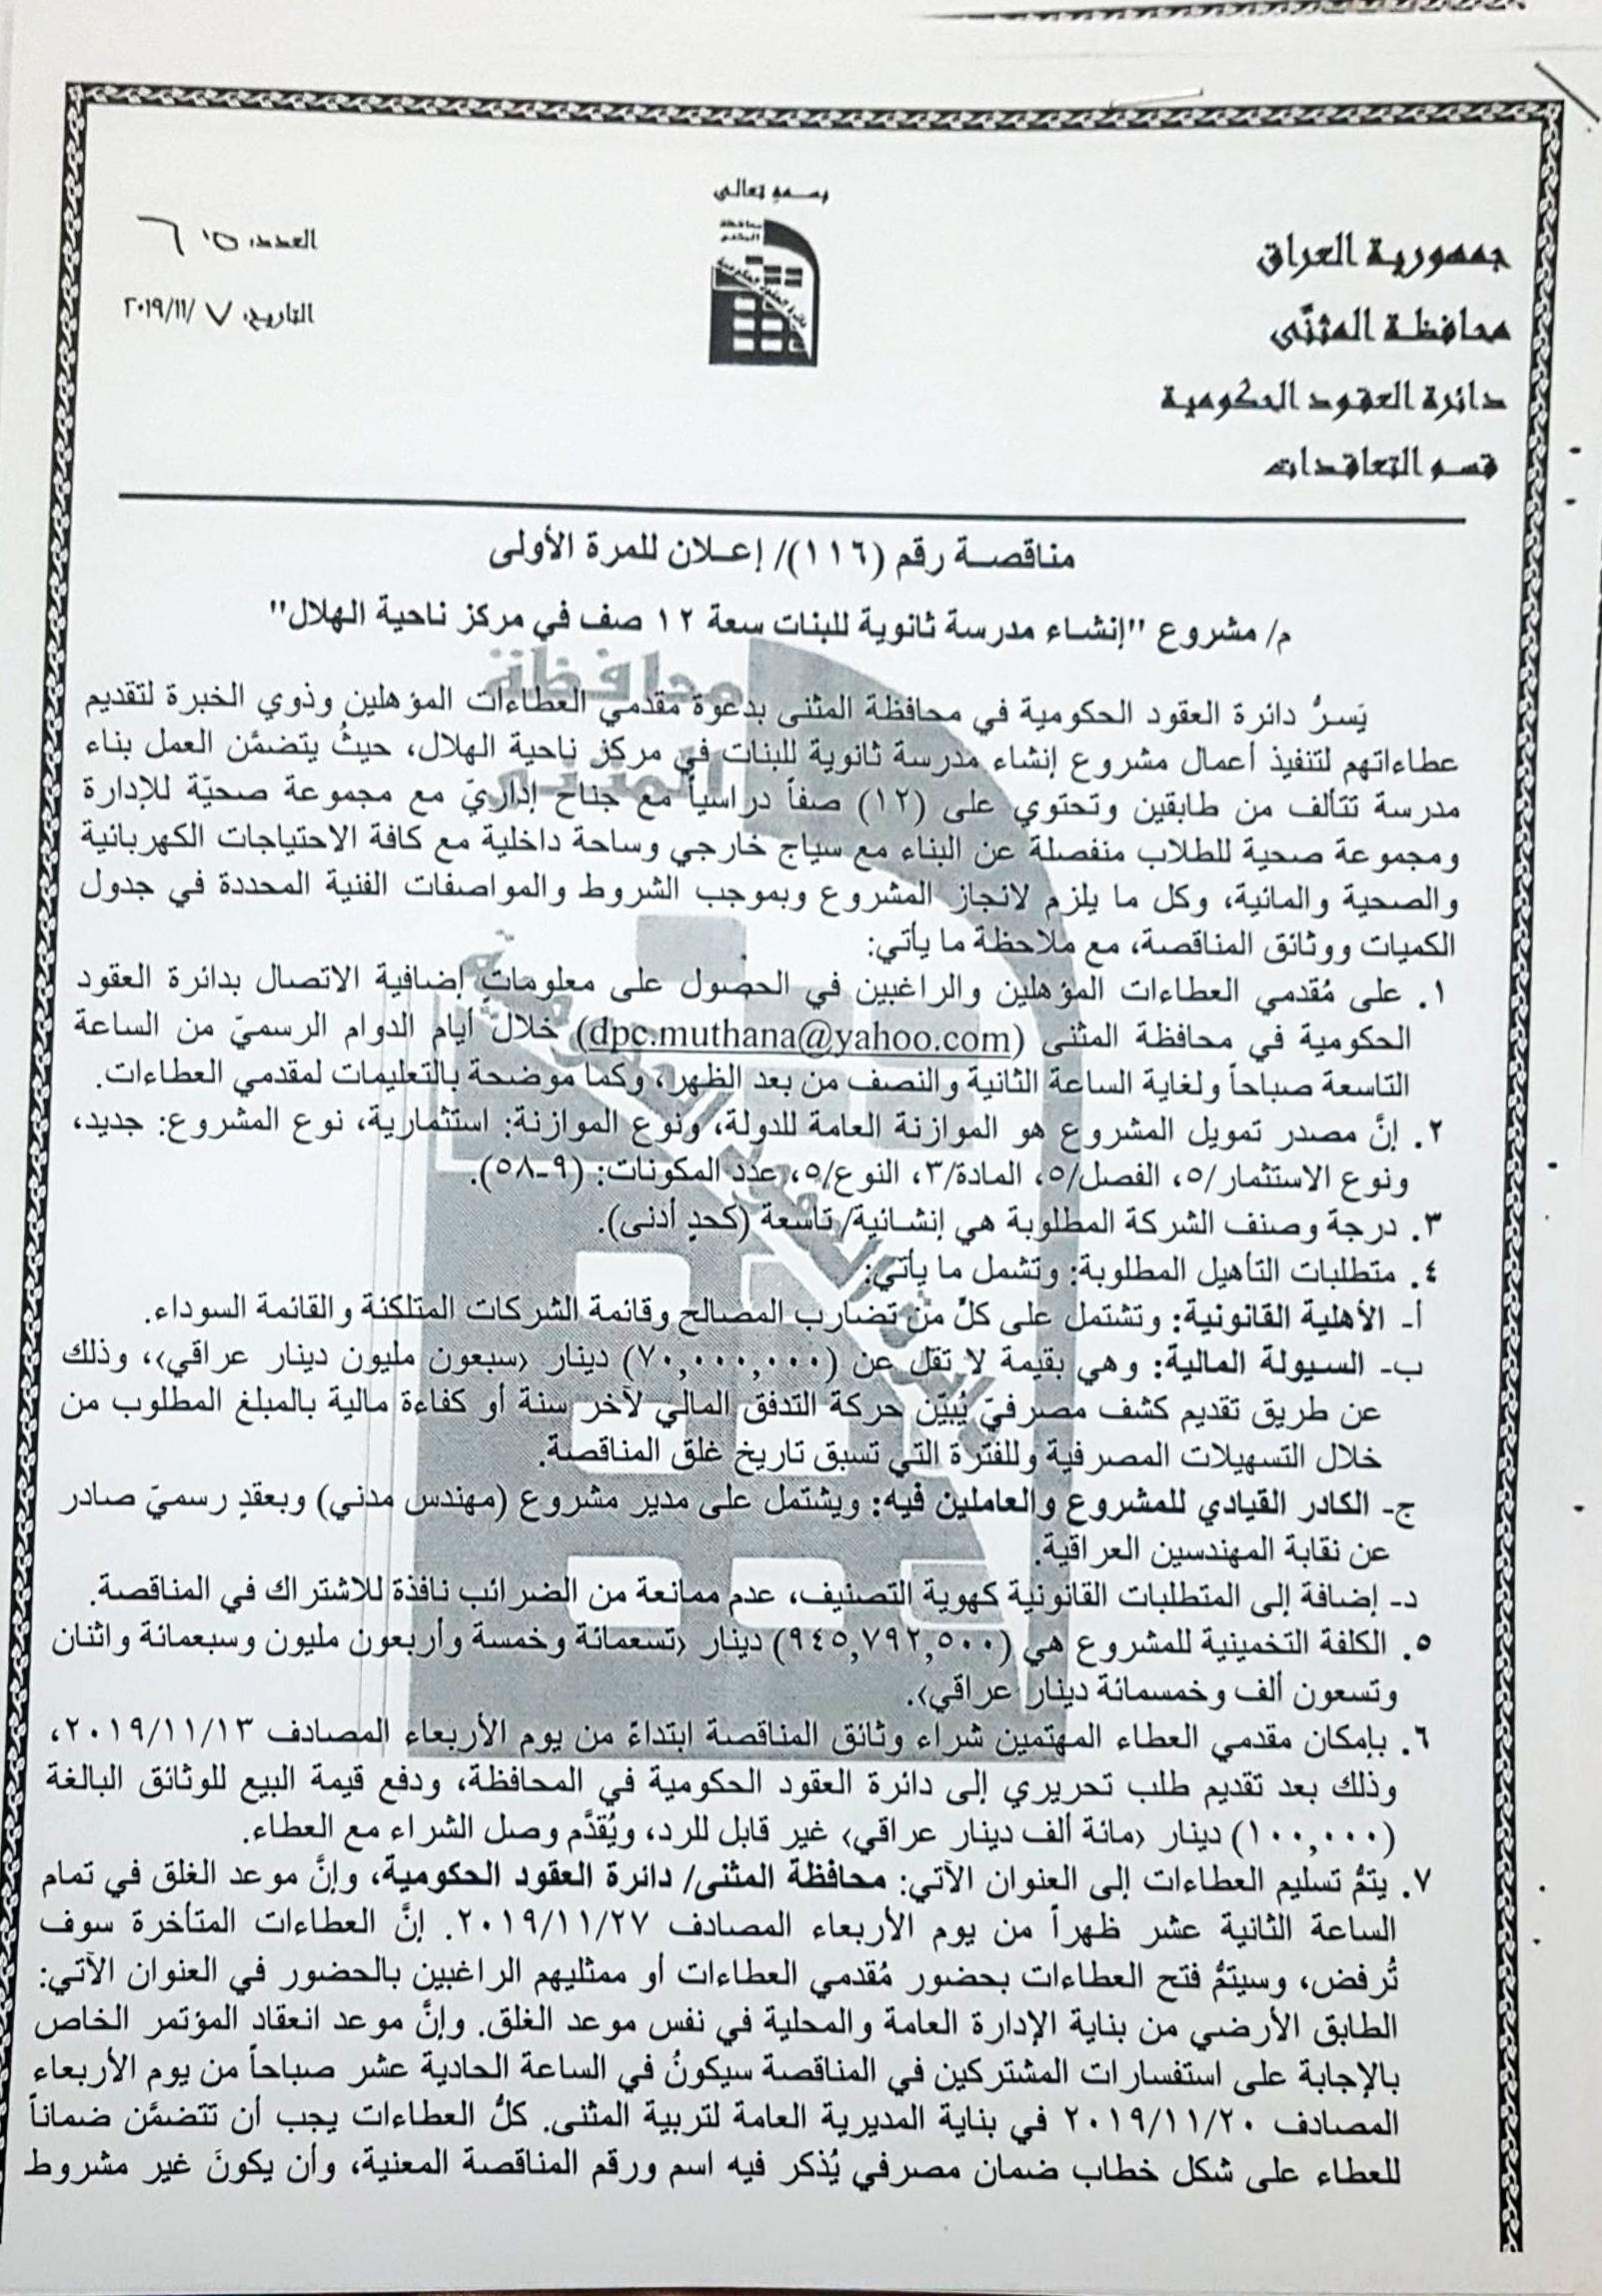 اعلان مشروع انشاء مدرسة ثانوية للبنات سعة 12 صف في ناحية الهلال